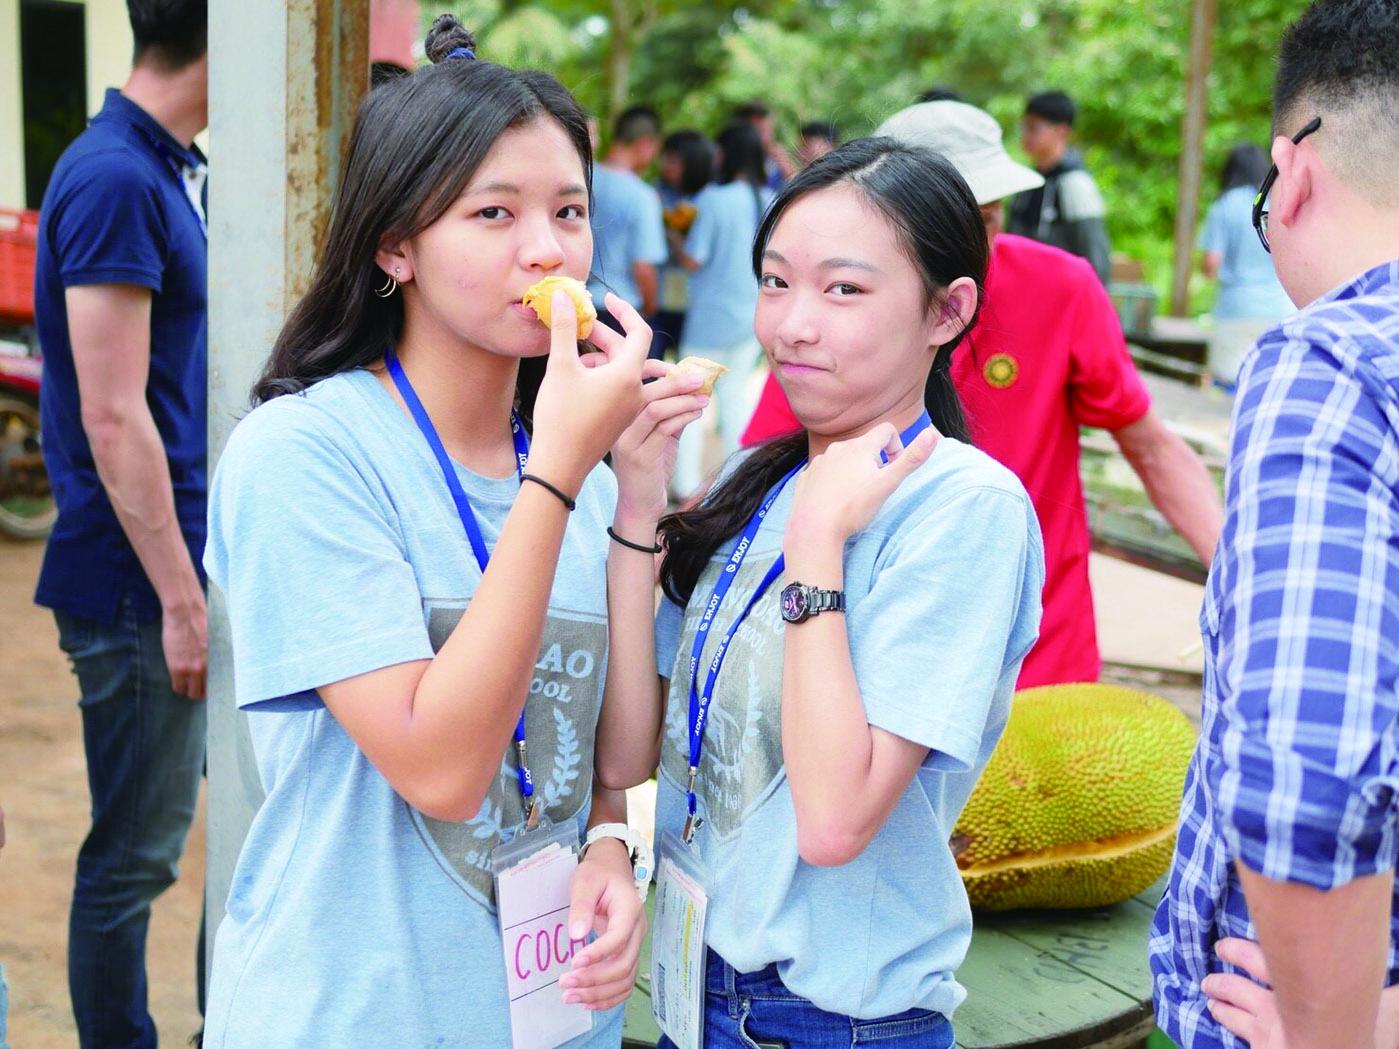 馬來西亞生態環境與多元文化及服務體驗 | 榴槤樹下的青春